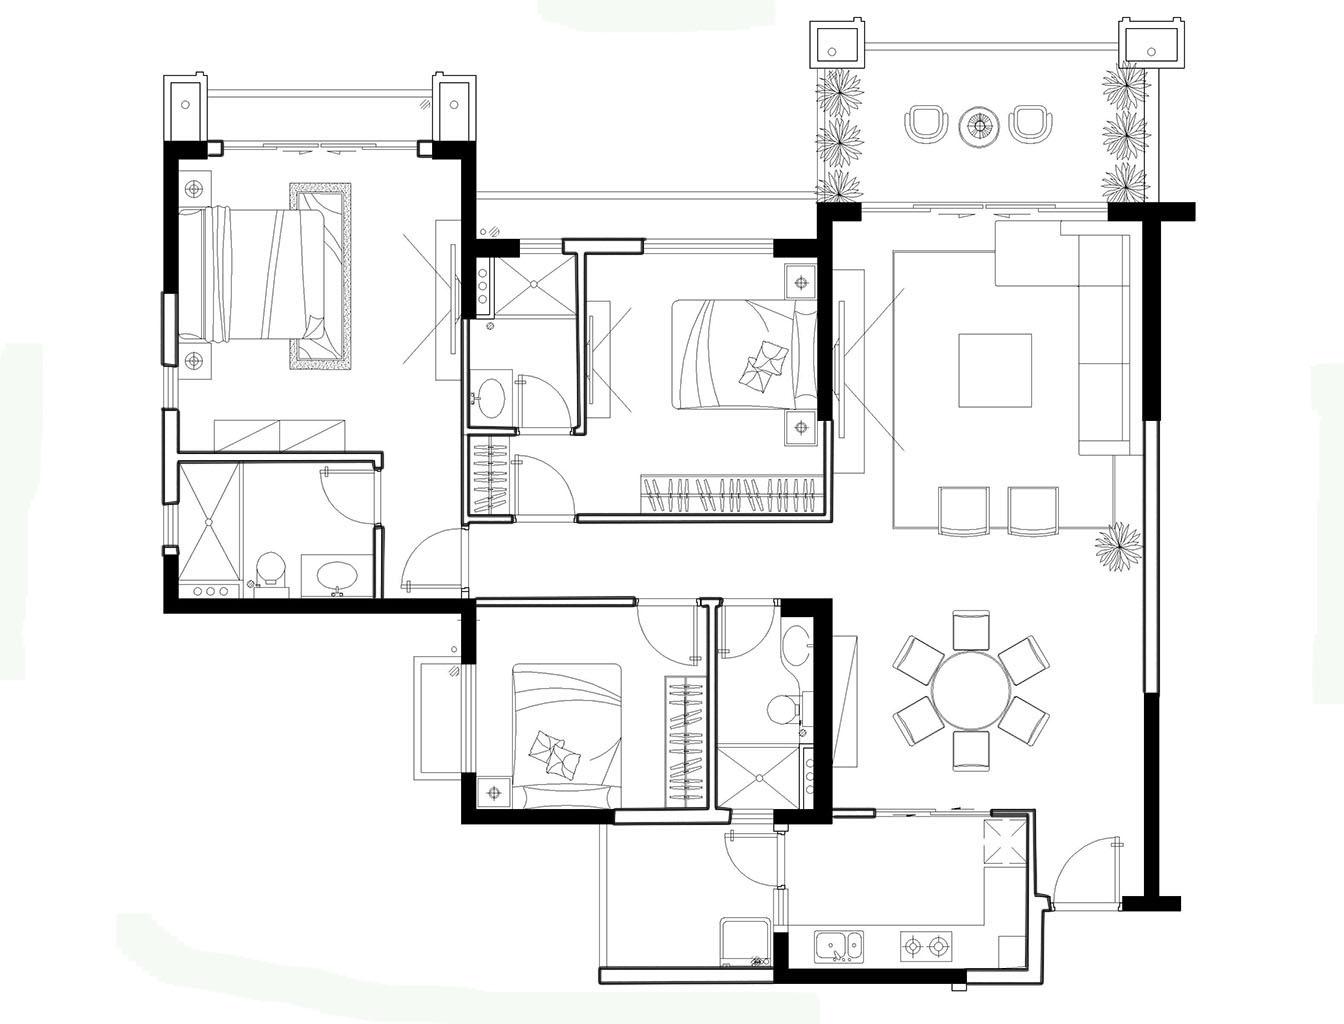 三居 欧式 可逸江畔 145平米 新房装修 户型图图片来自传承正能量在31.9万的简约时尚的温馨家庭的分享